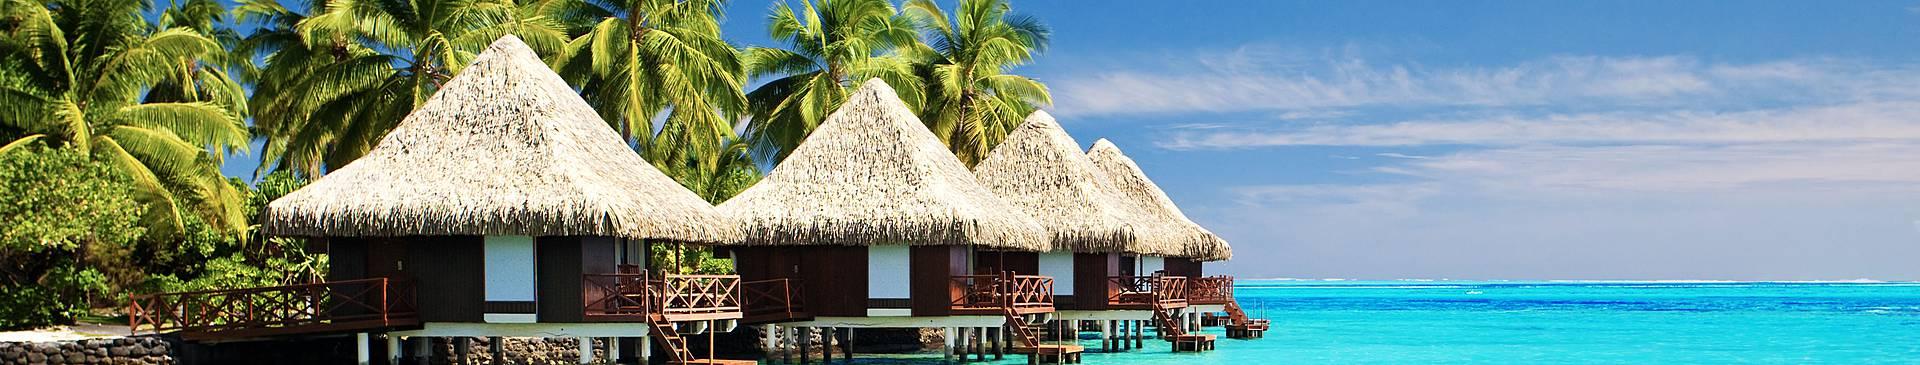 Viaggi alle Maldive ad agosto